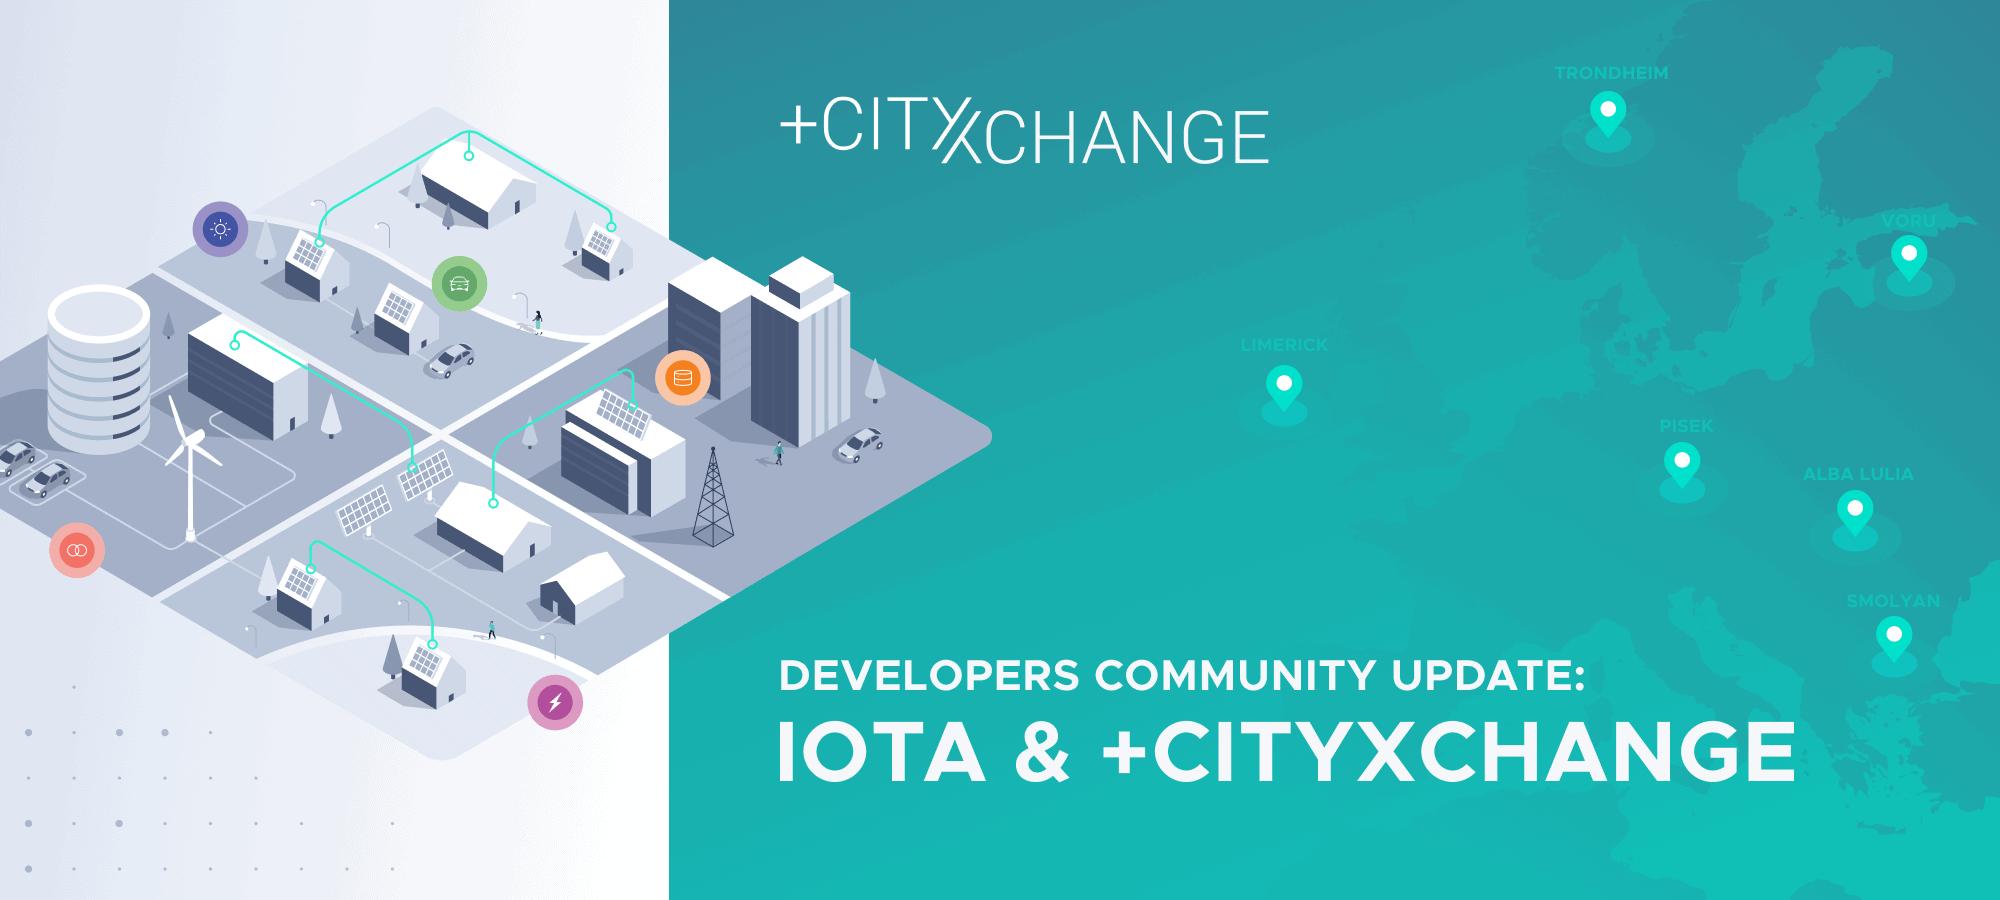 IOTA +CityxChange